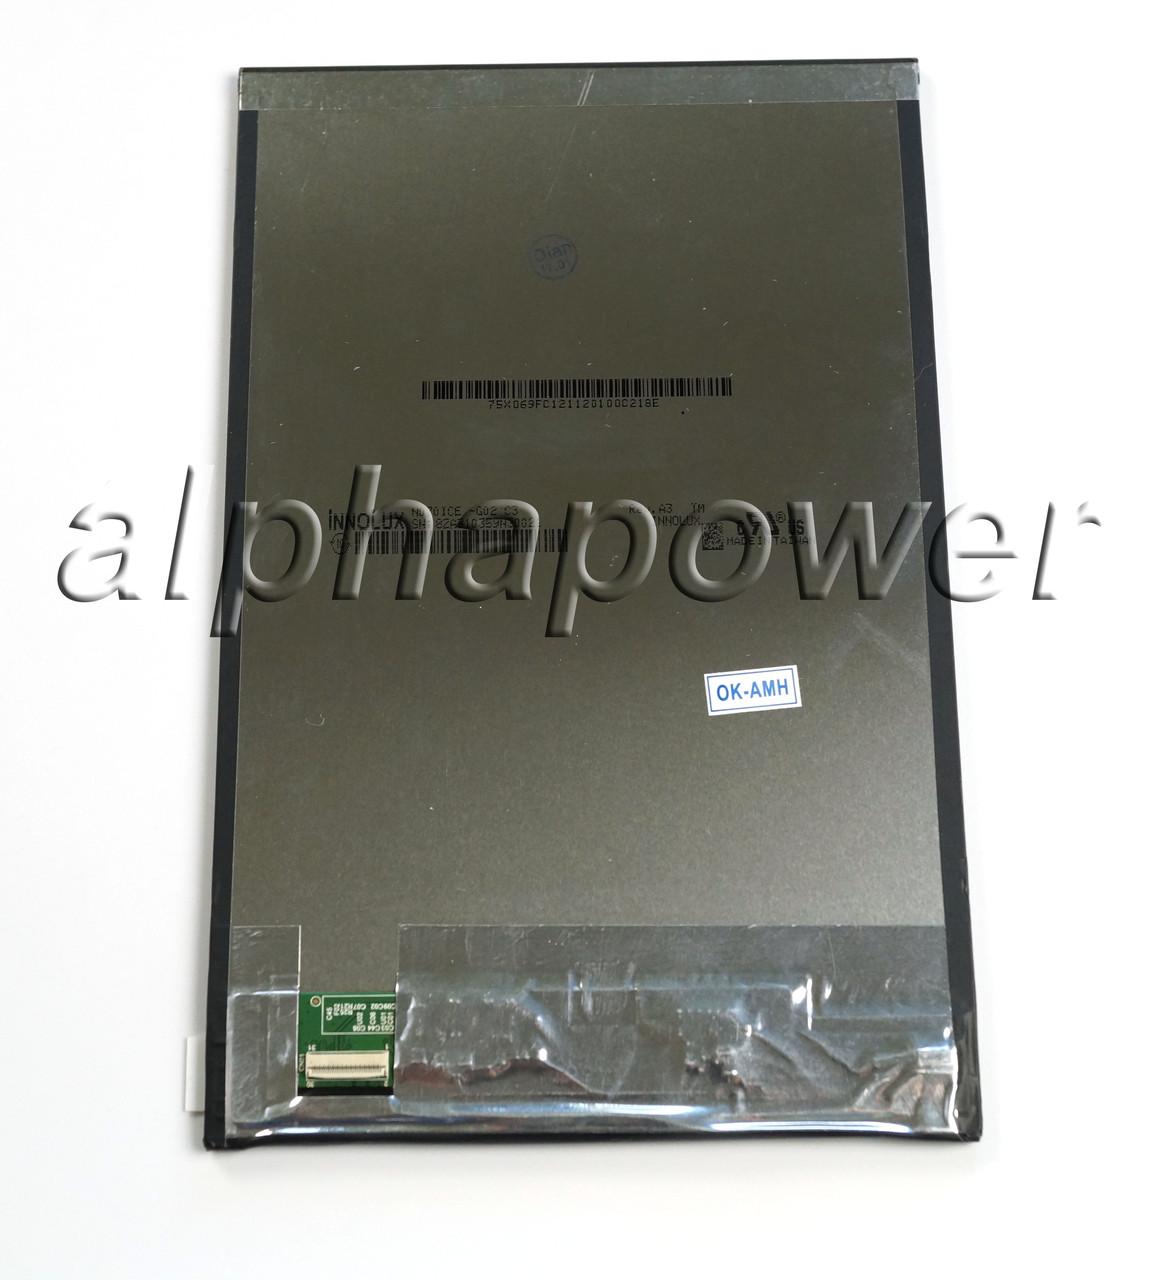 Дисплей (матрица) планшета Nomi C070020 Corsa Pro, Nomi C070010 Corsa,Тип 1 (N070ICE-G02)